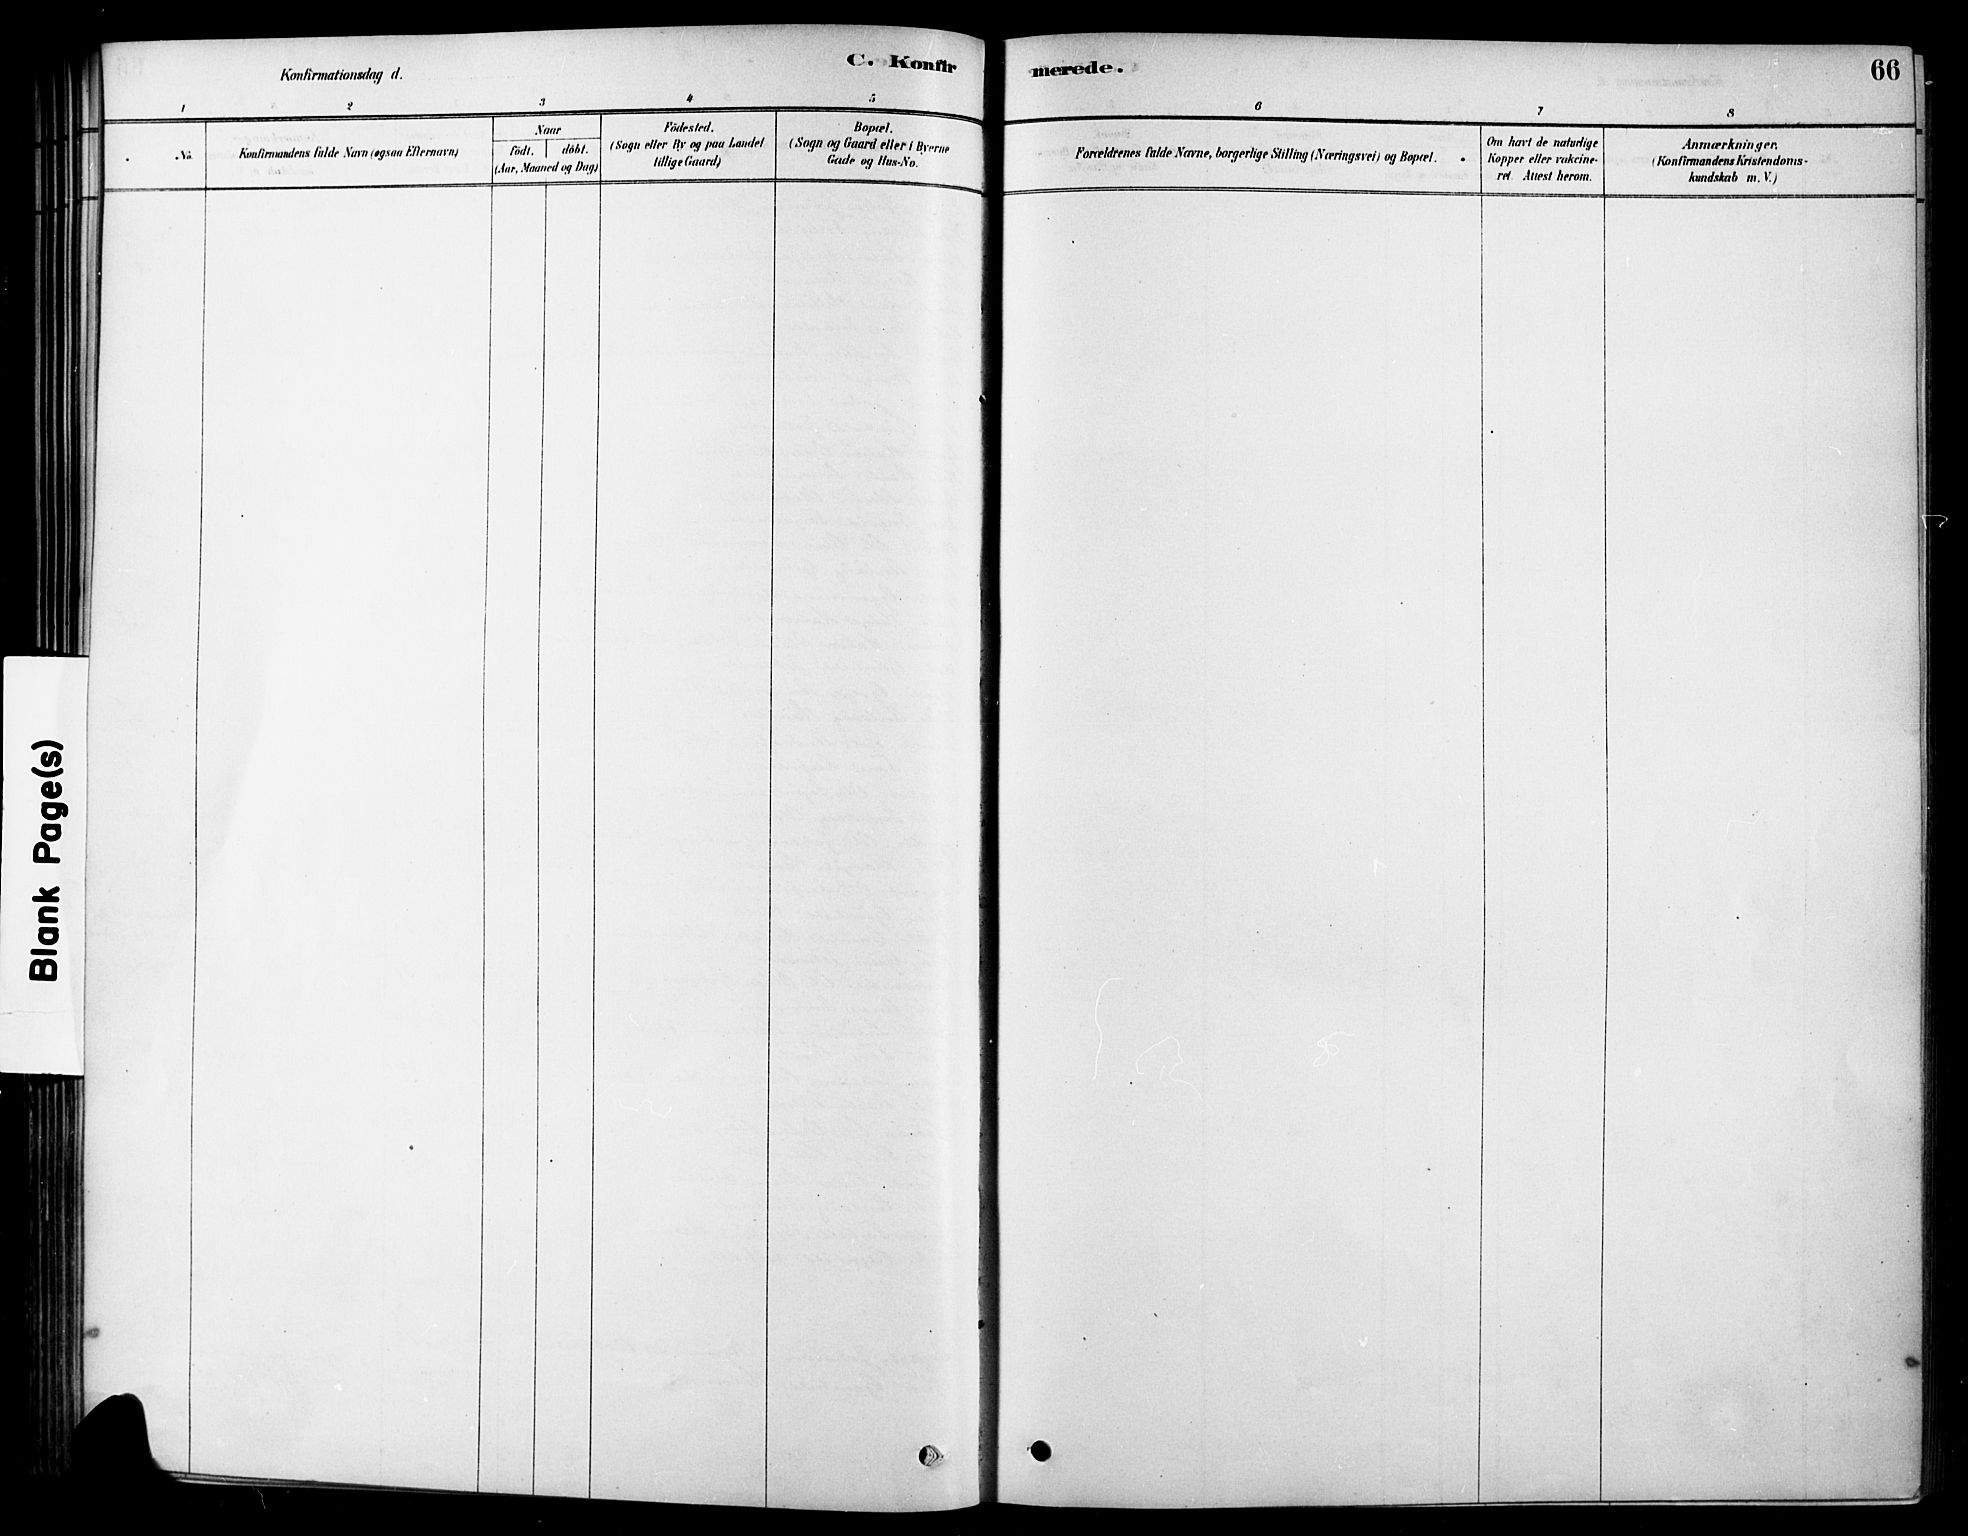 SAKO, Heddal kirkebøker, F/Fa/L0009: Ministerialbok nr. I 9, 1878-1903, s. 66